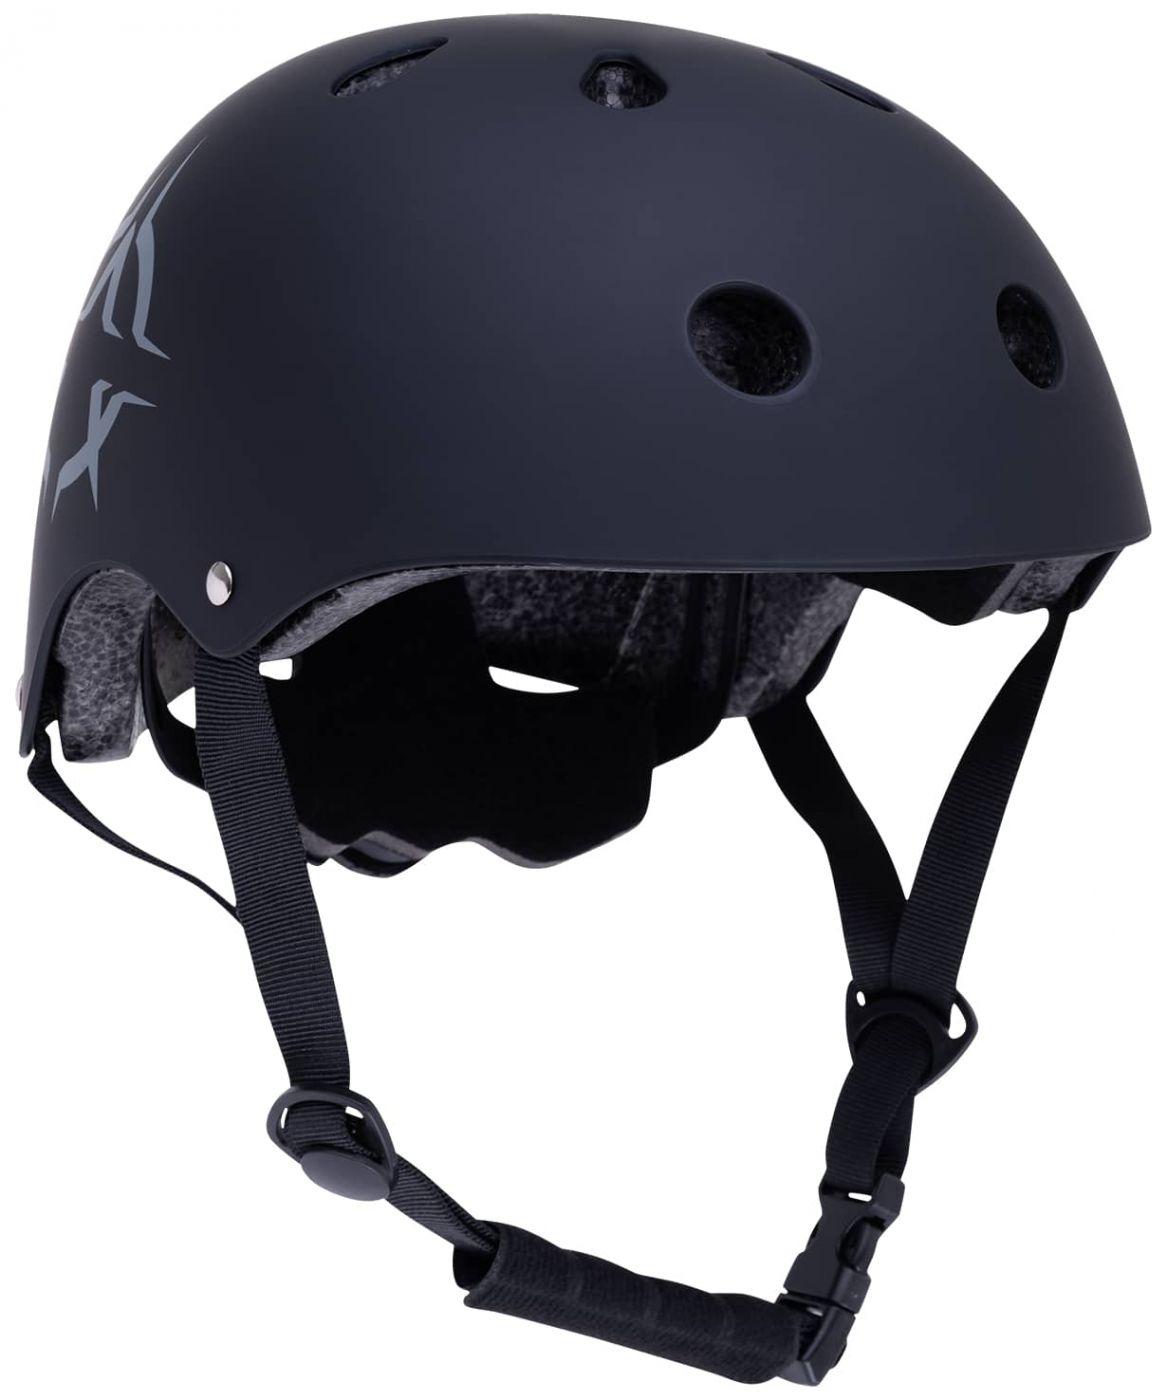 Шлем защитный Dare Black разм.S